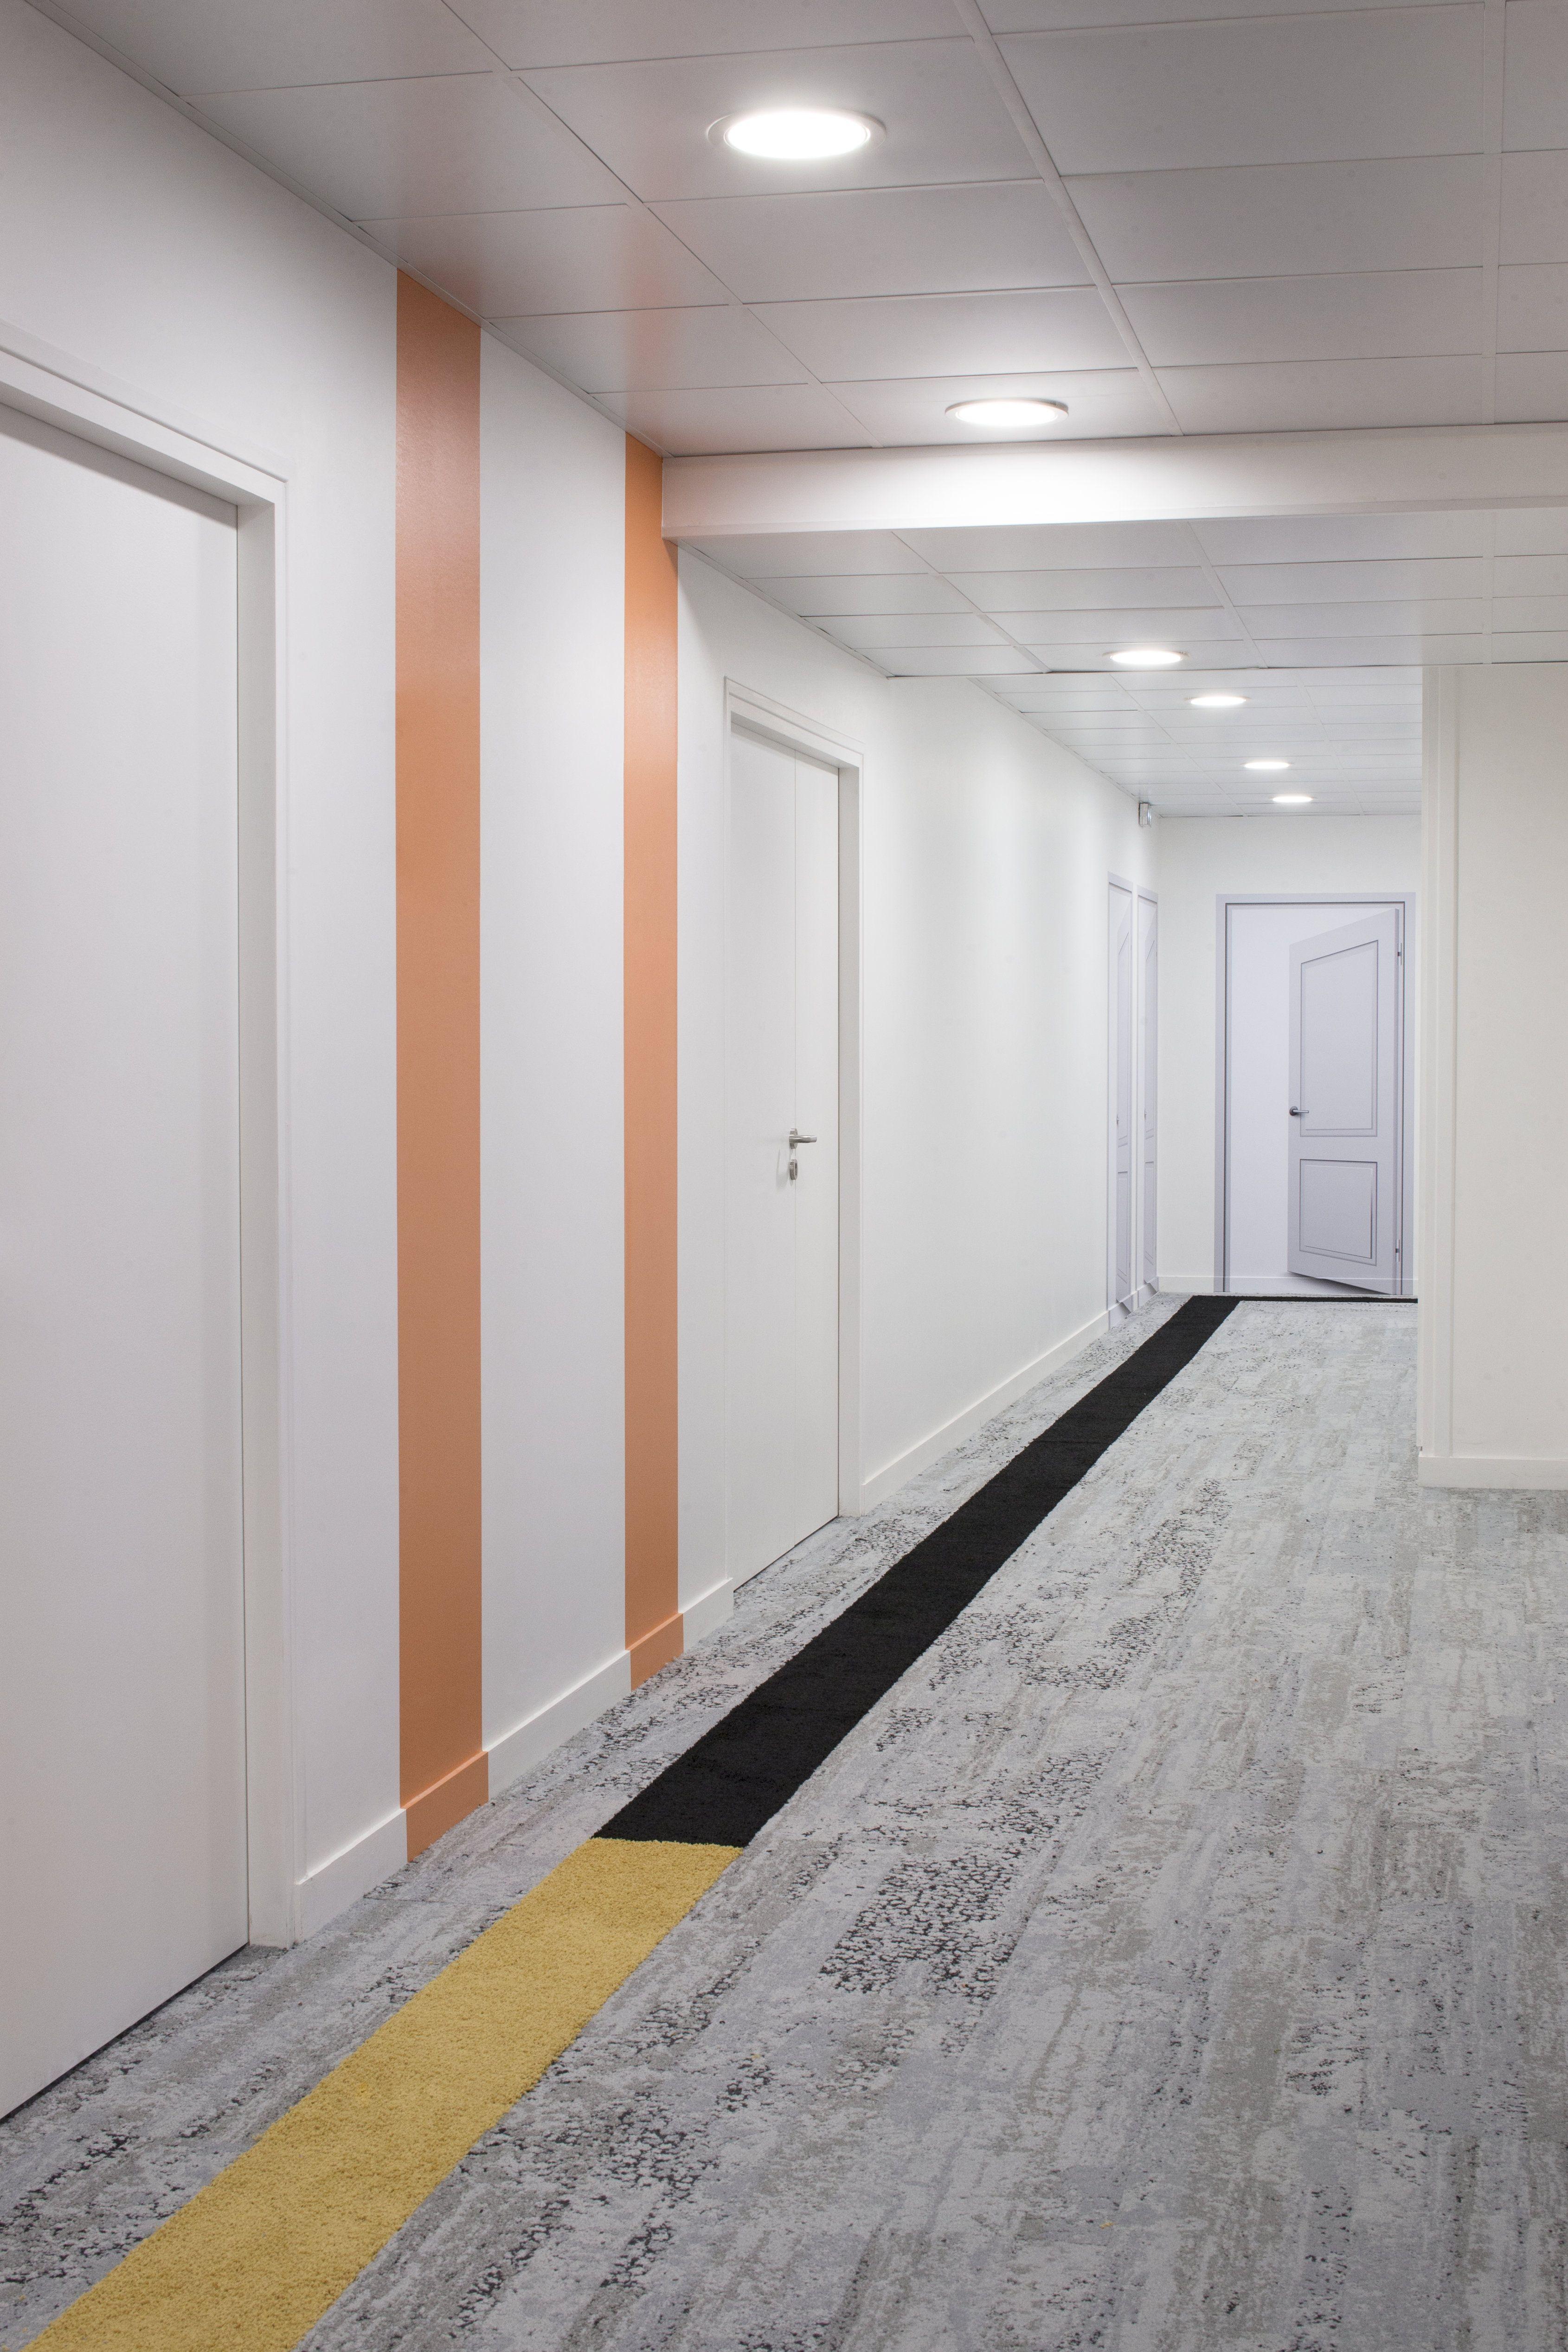 Exemple De Moquette Style Design Bureau Architecture Amenagement Workspace Coolworking Interior Deco Bureau Professionnel Moquette Amenagement Bureau